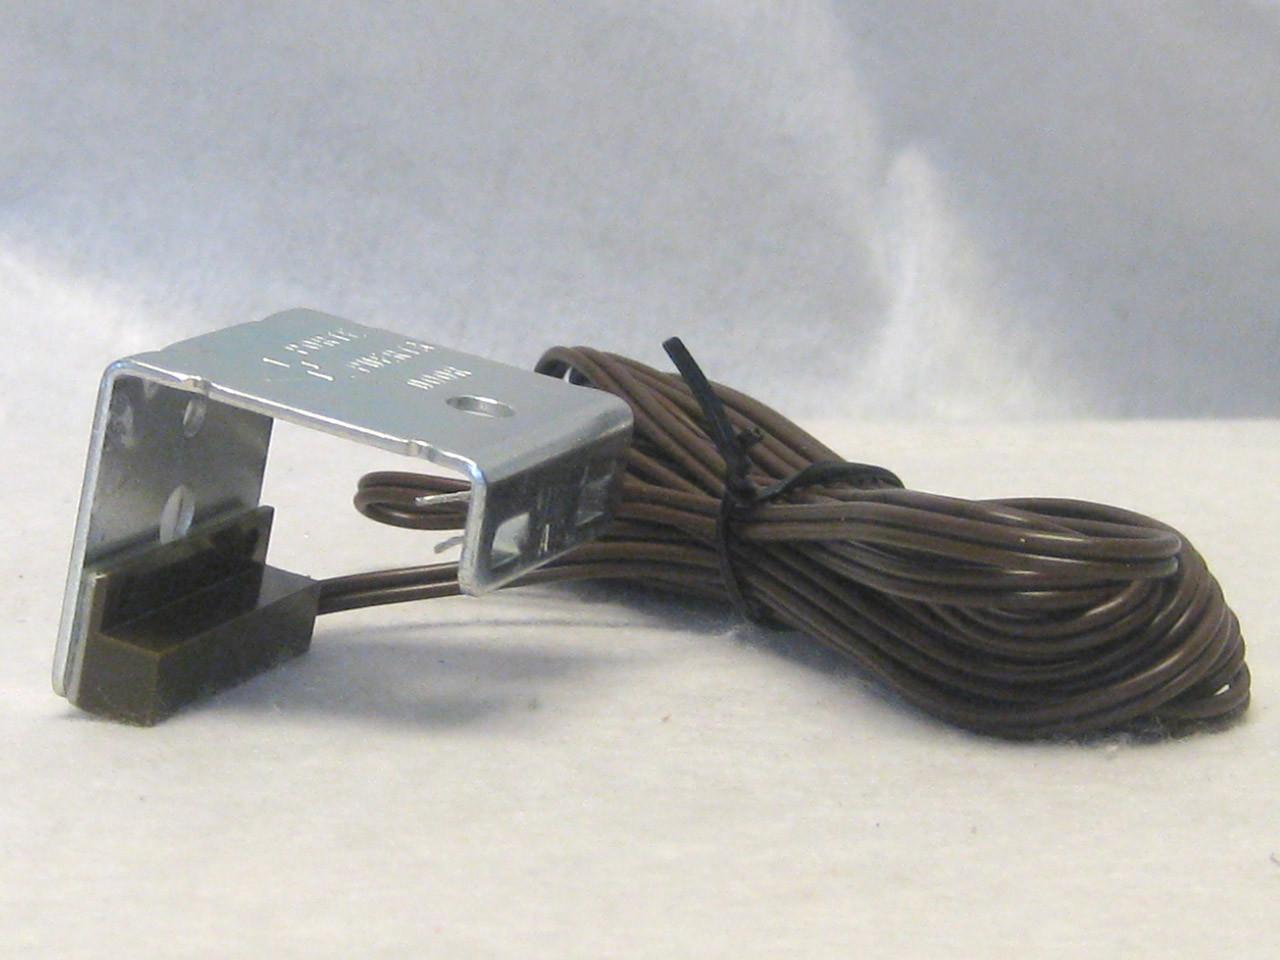 limit switch down magnetic python 2 brown overhead door rh overheaddoorpartsonline com garage door opener sensor wiring diagram garage door opener control  [ 1280 x 960 Pixel ]